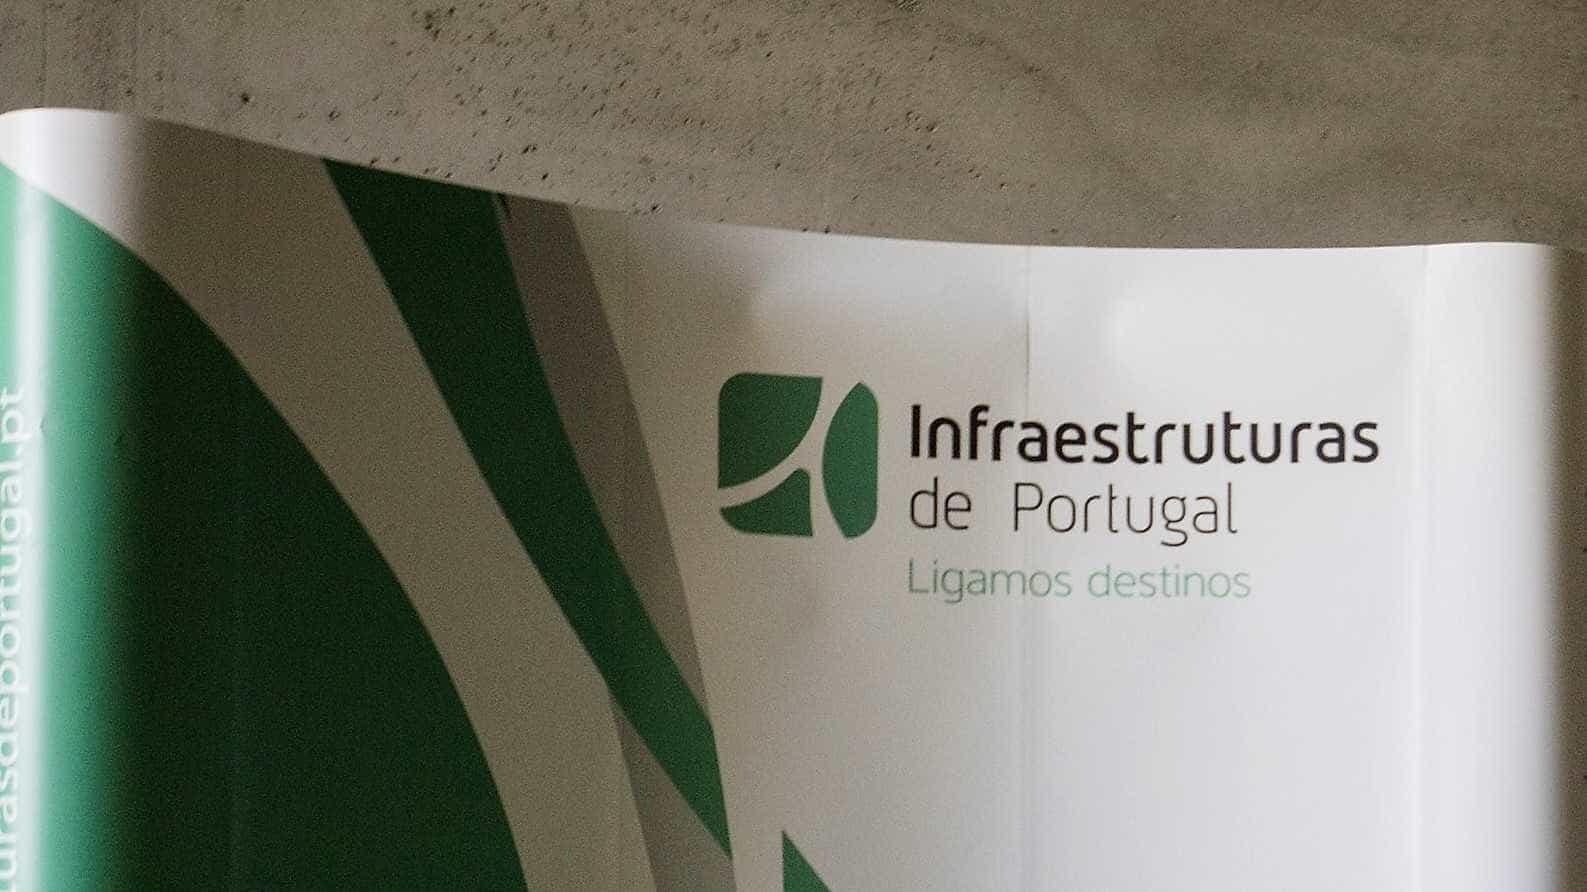 Circulação de quase 50% de urbanos de Lisboa e 40% no Porto